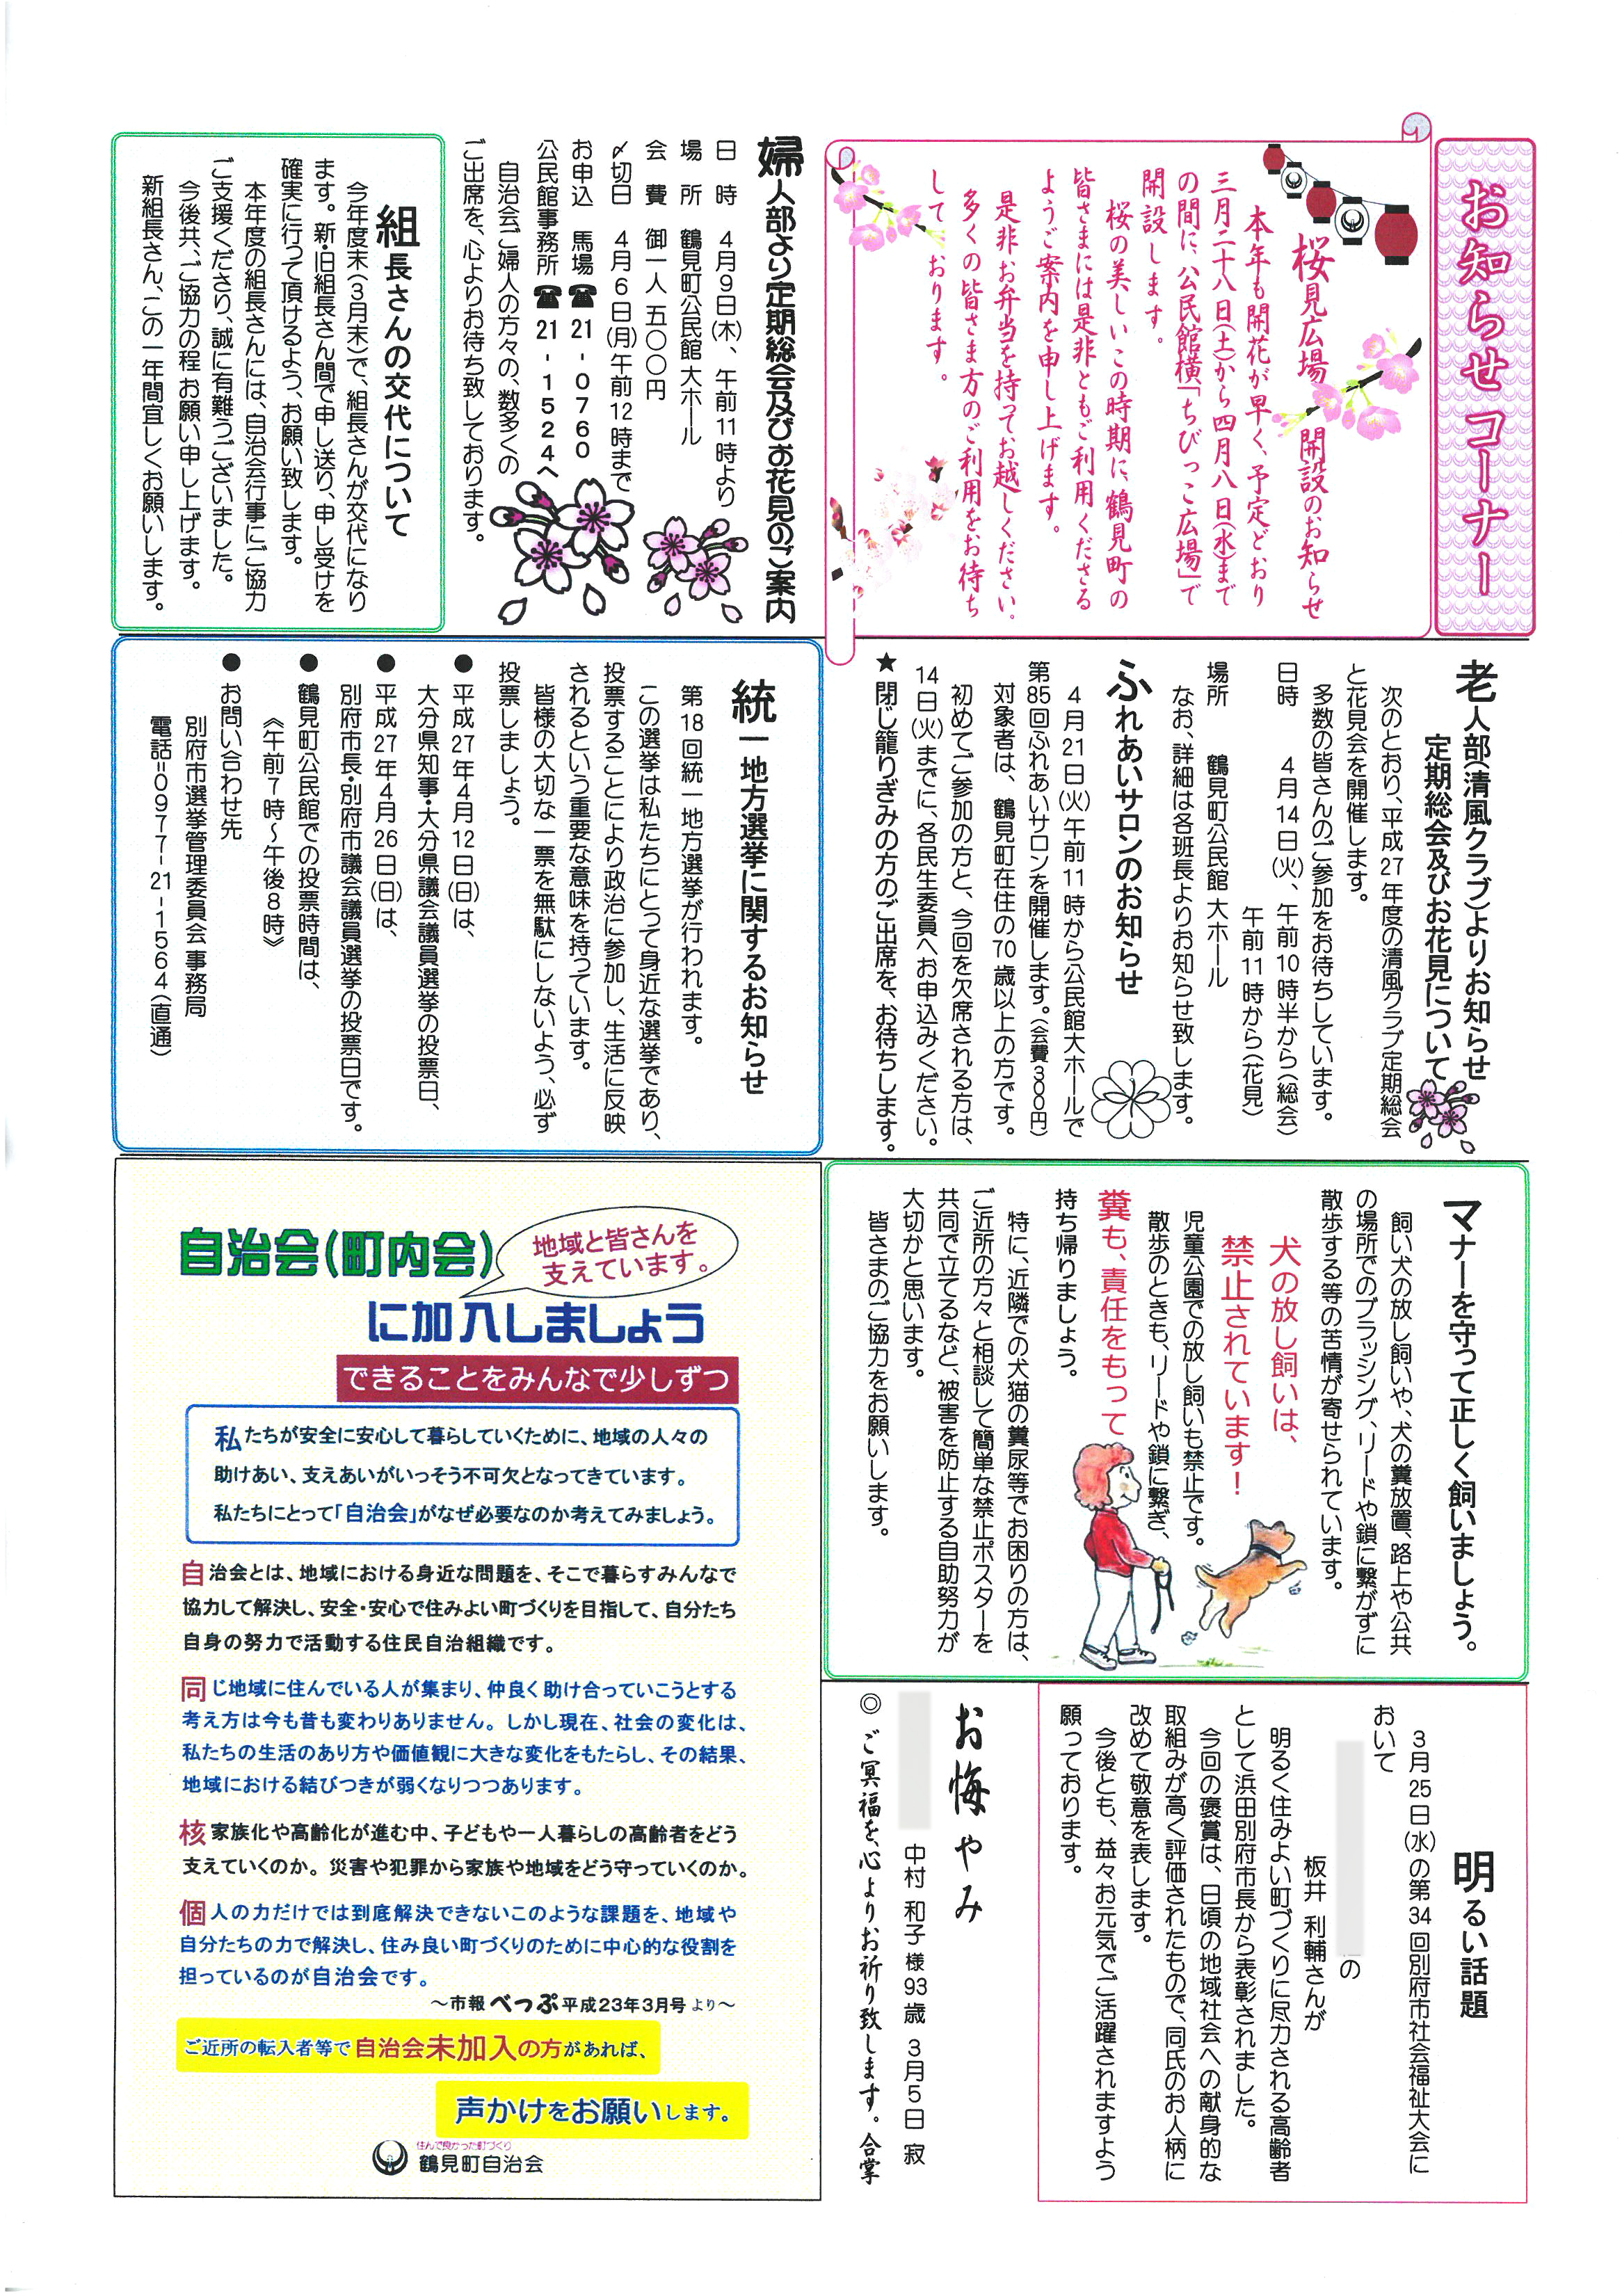 tsurumi2015_04_02